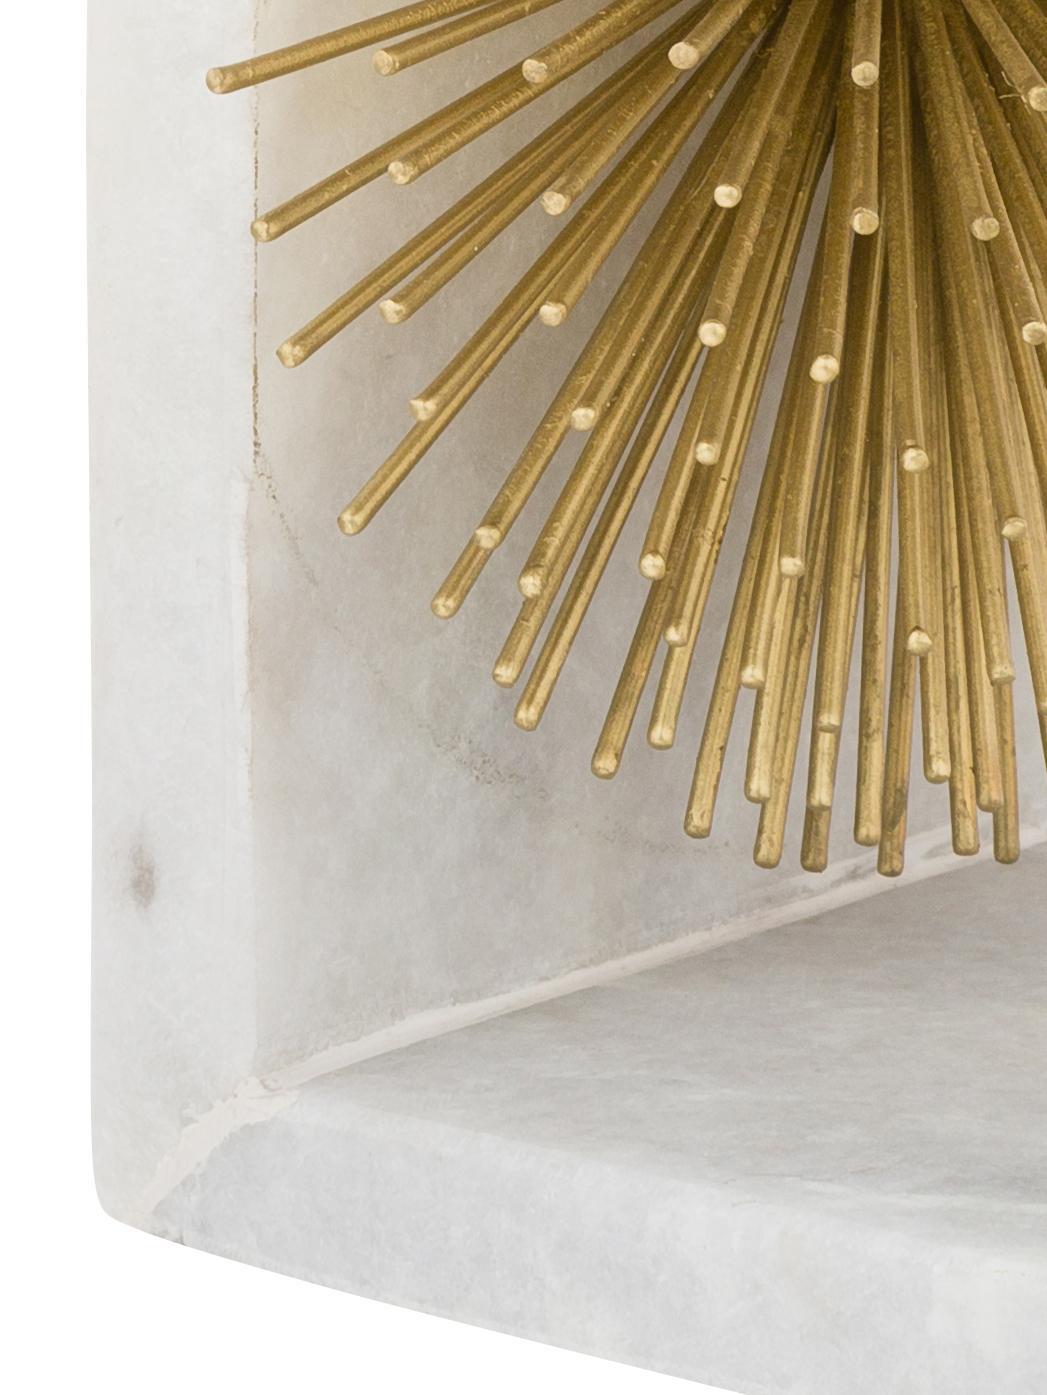 Podpórka do książek Marburch, 2 szt., Podpórka do książek: biały marmur<br>Ornament: odcienie złotego<br>Podkładka: fi, S 14 x W 17 cm